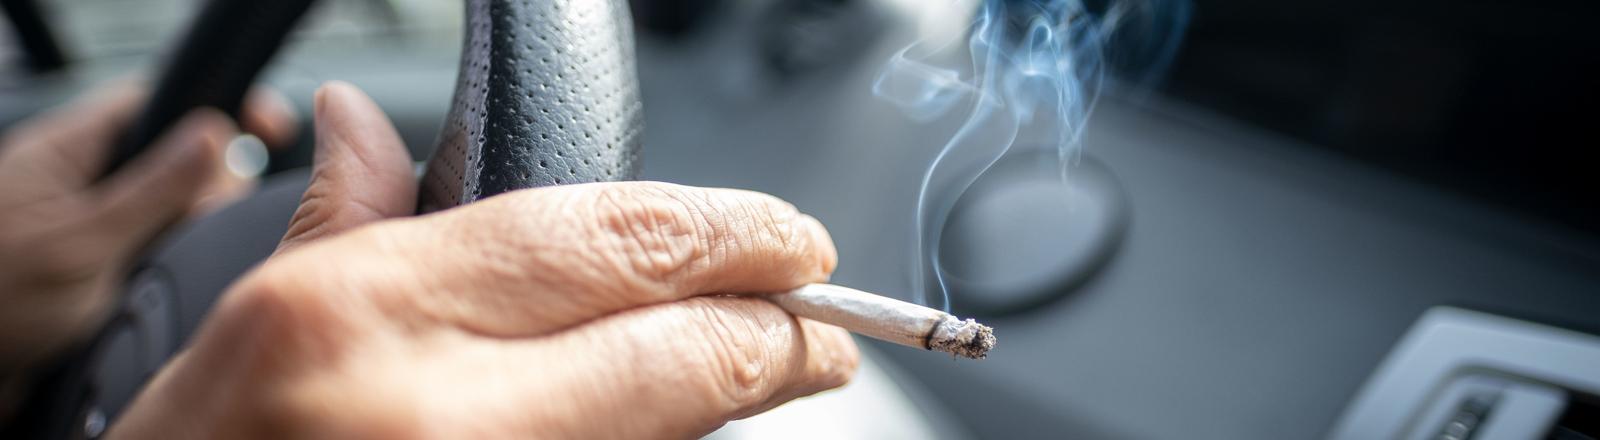 Ein Mann sitzt rauchend am Lenkrad eines Autos